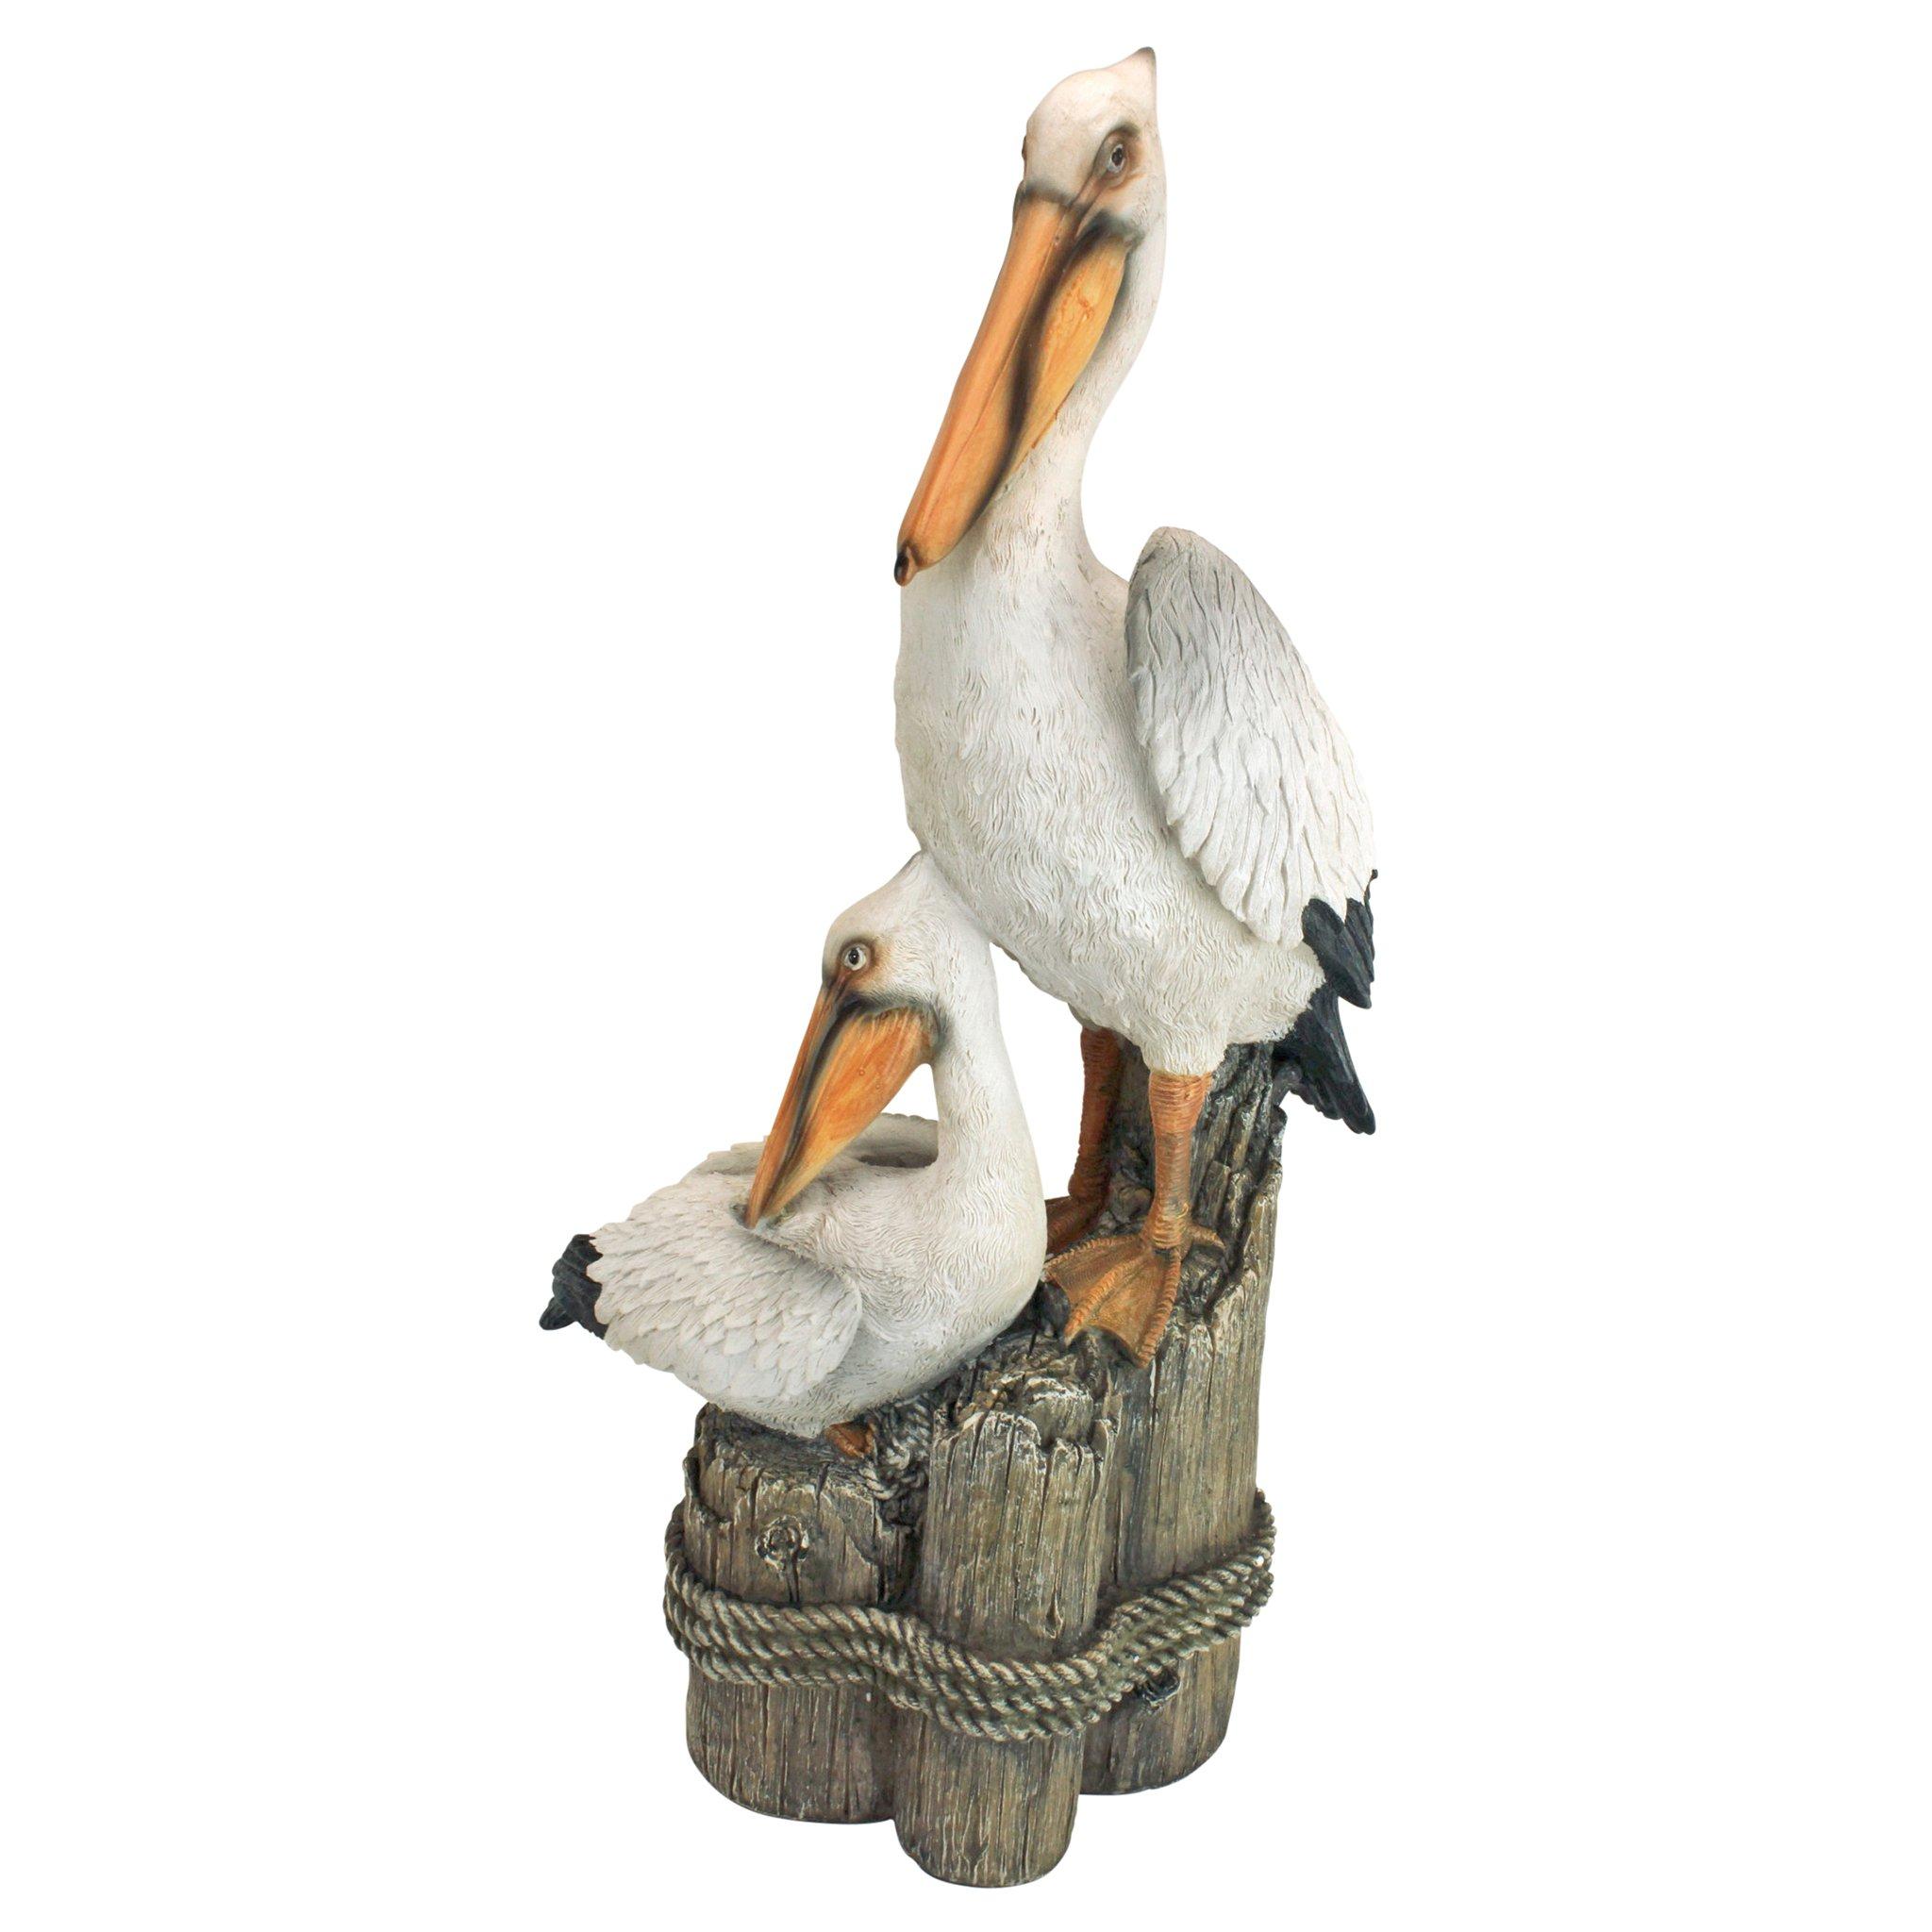 Design Toscano Coastal Decor Ocean's Perch Pelicans Garden Bird Statue, 24 Inch, Polyresin, Full Color